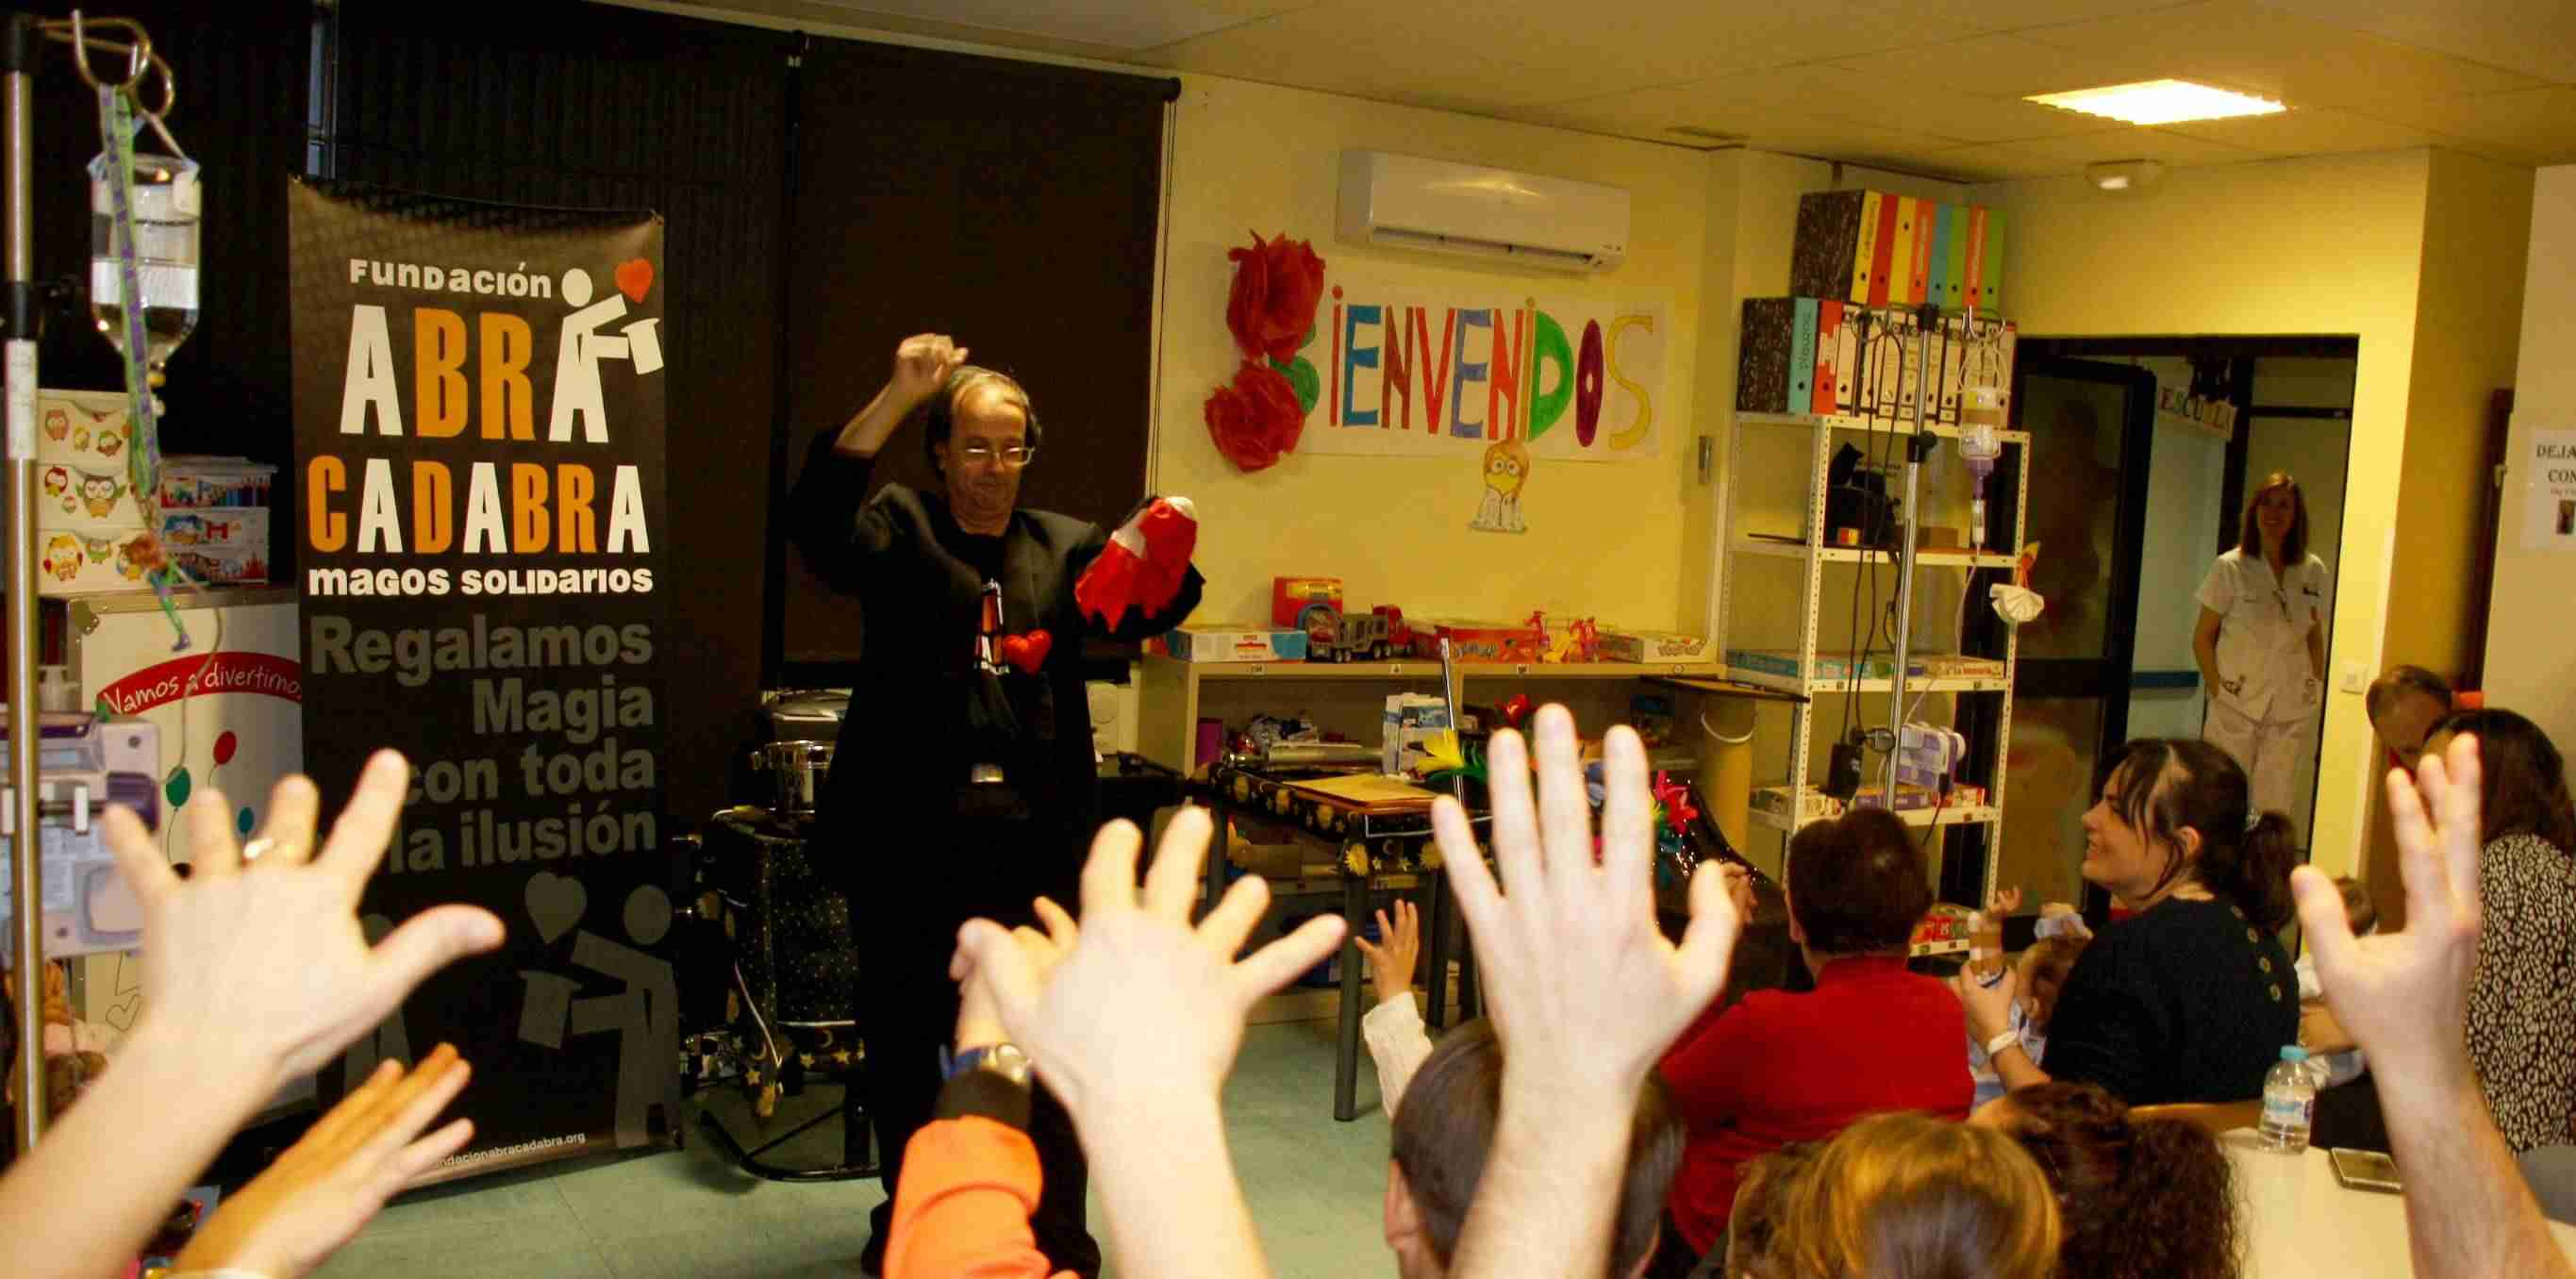 La Fundación Abracadabra llevan magia, alegría e ilusión a los pacientes y familiares del Hospital Mancha Centro 1